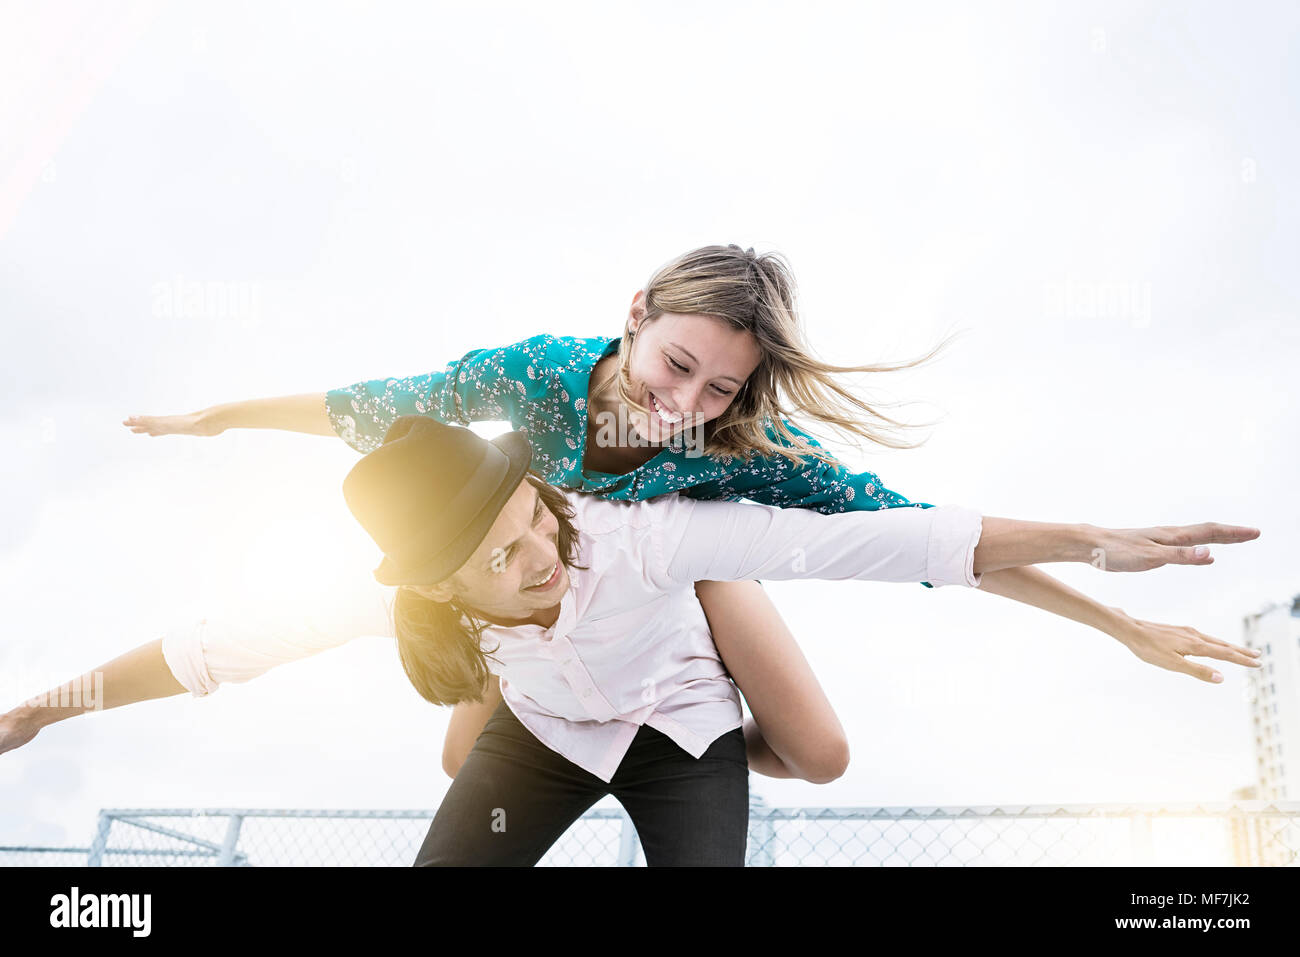 Junge zärtlich Paar Spaß zusammen auf der Dachterrasse, der vorgibt zu fliegen Stockbild